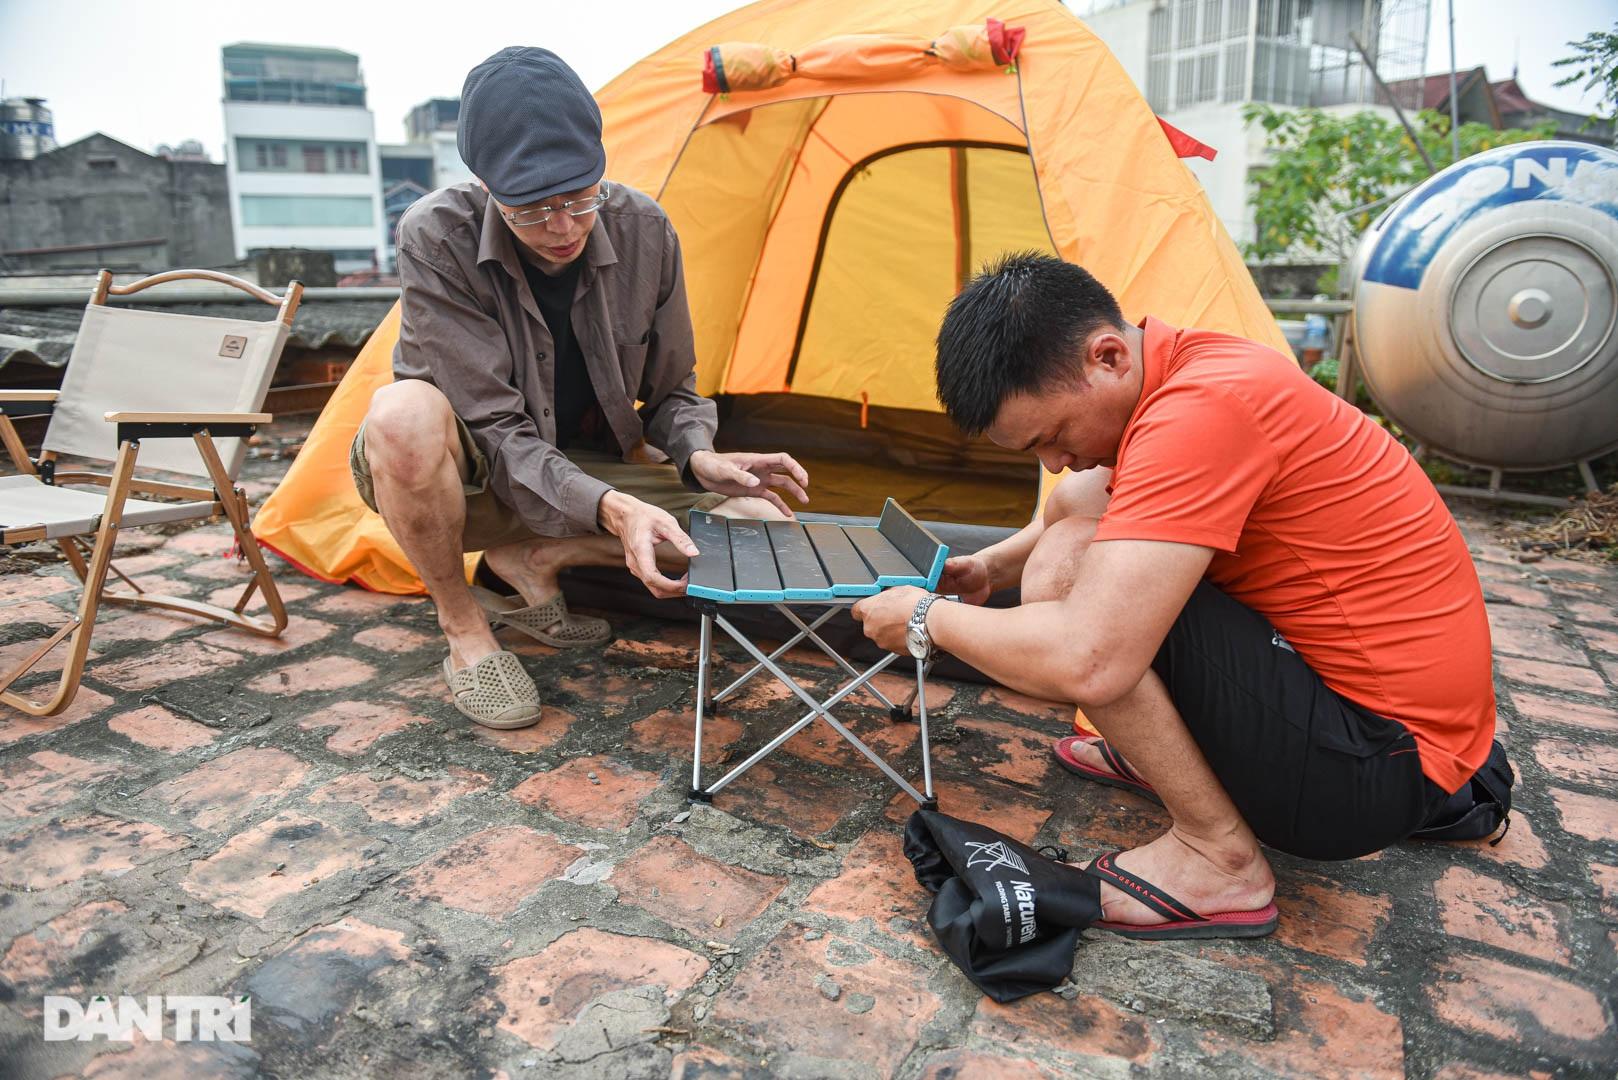 Thèm du lịch, giới trẻ đầu tư cắm trại tại gia: Chỉ ngắm nóc nhà vẫn vui - 5